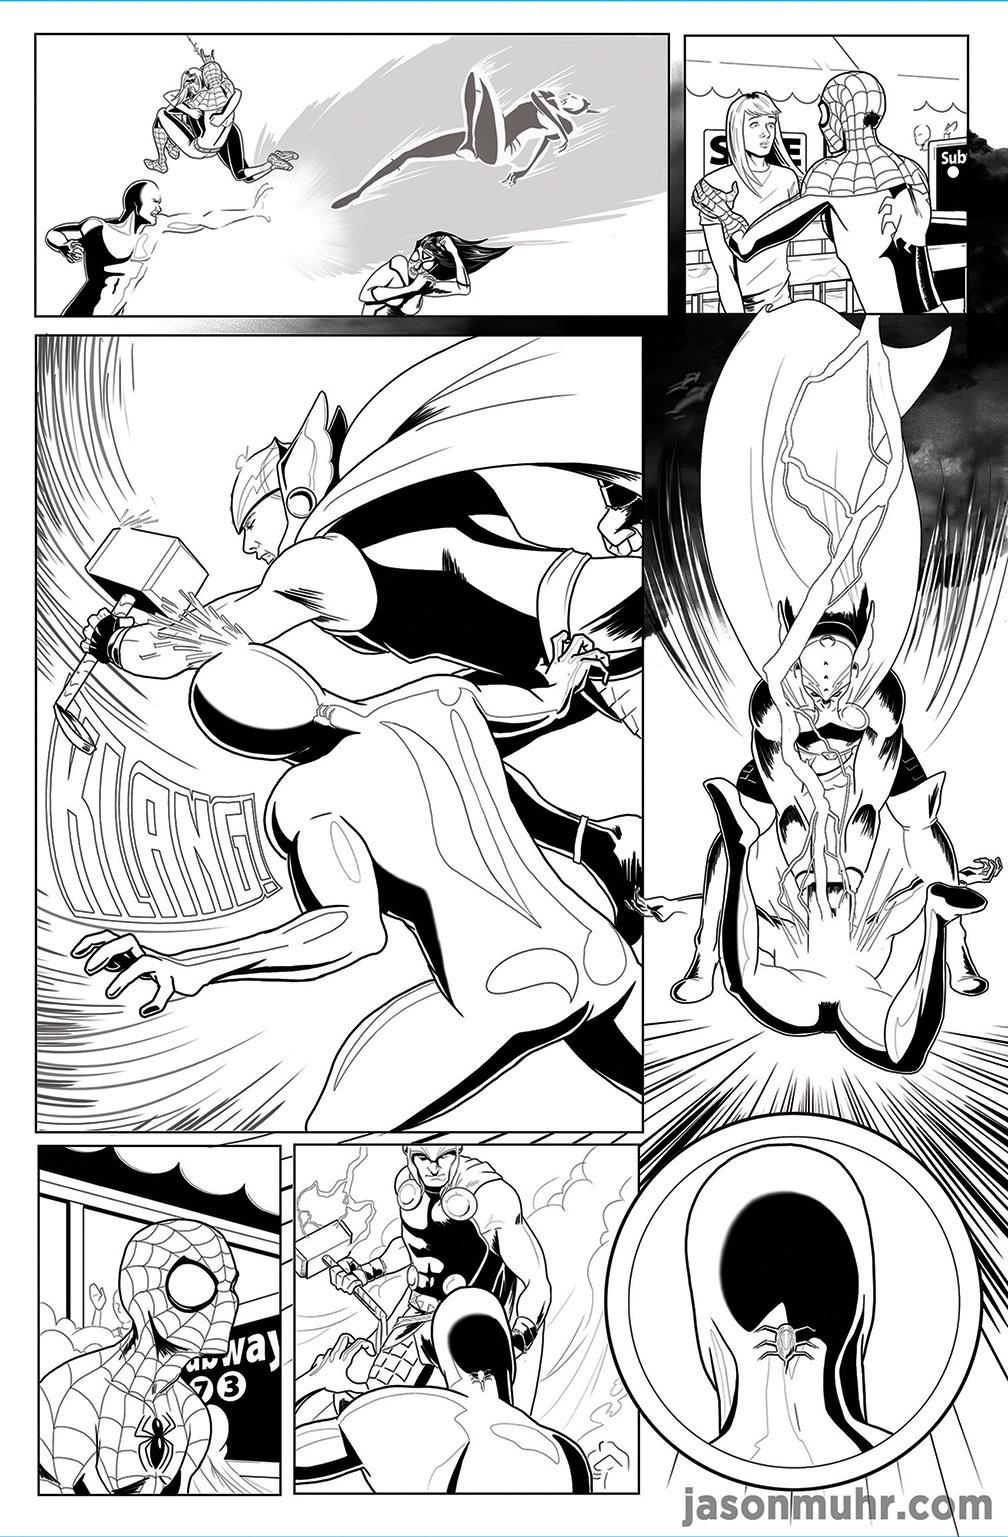 Avengers_pg06.jpg